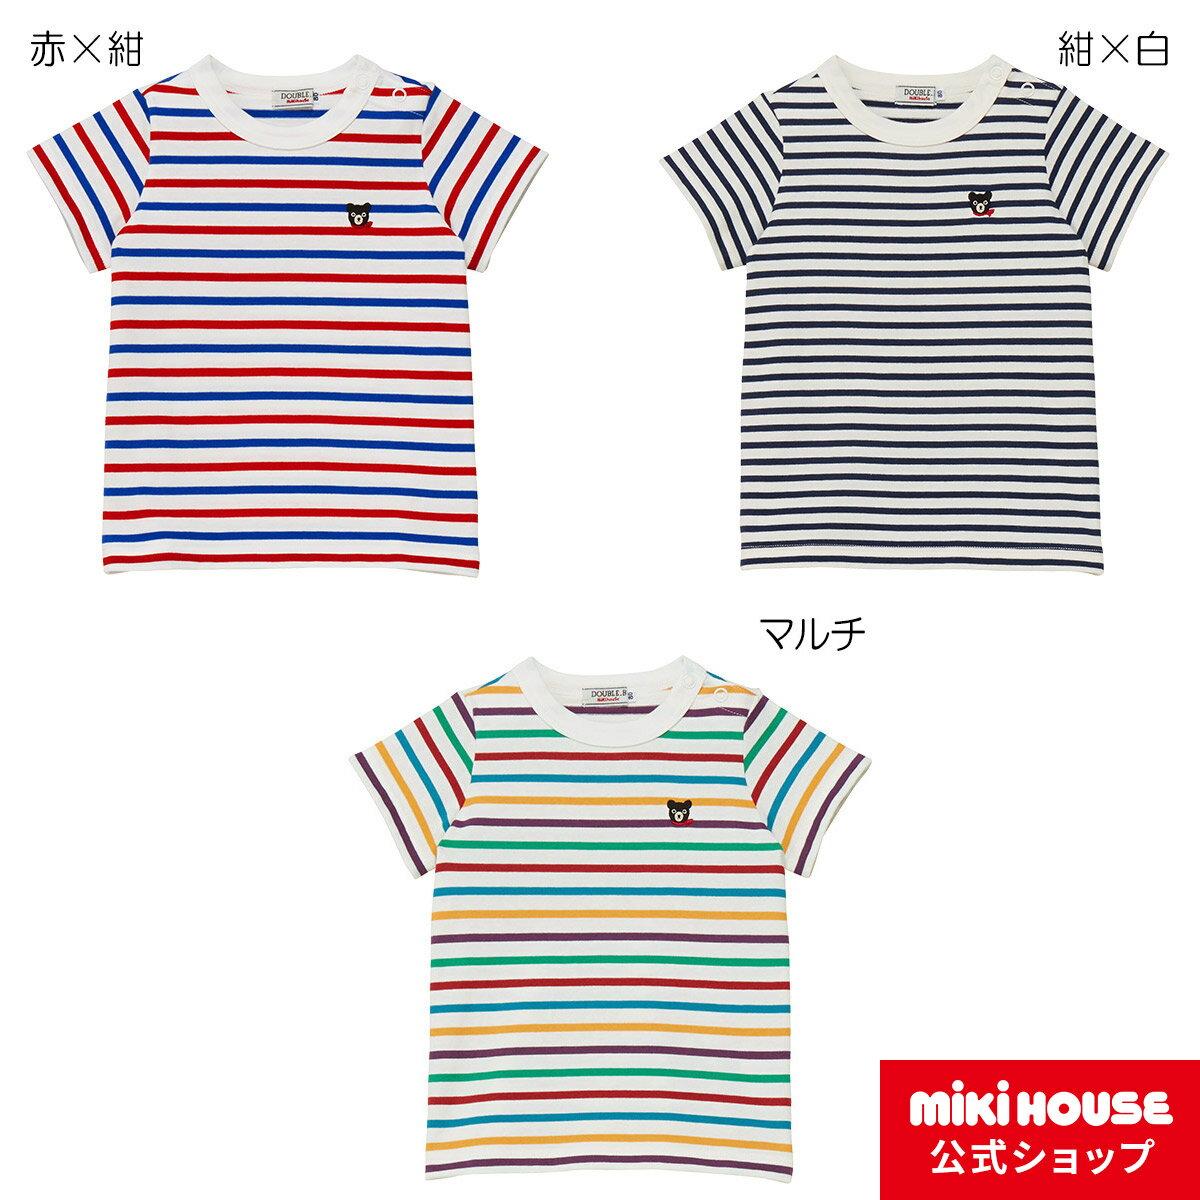 ミキハウス ダブルビー mikihouse Everyday DOUBLE_Bボーダー半袖Tシャツ (70・80・90・100・110・120・130・140・150cm)